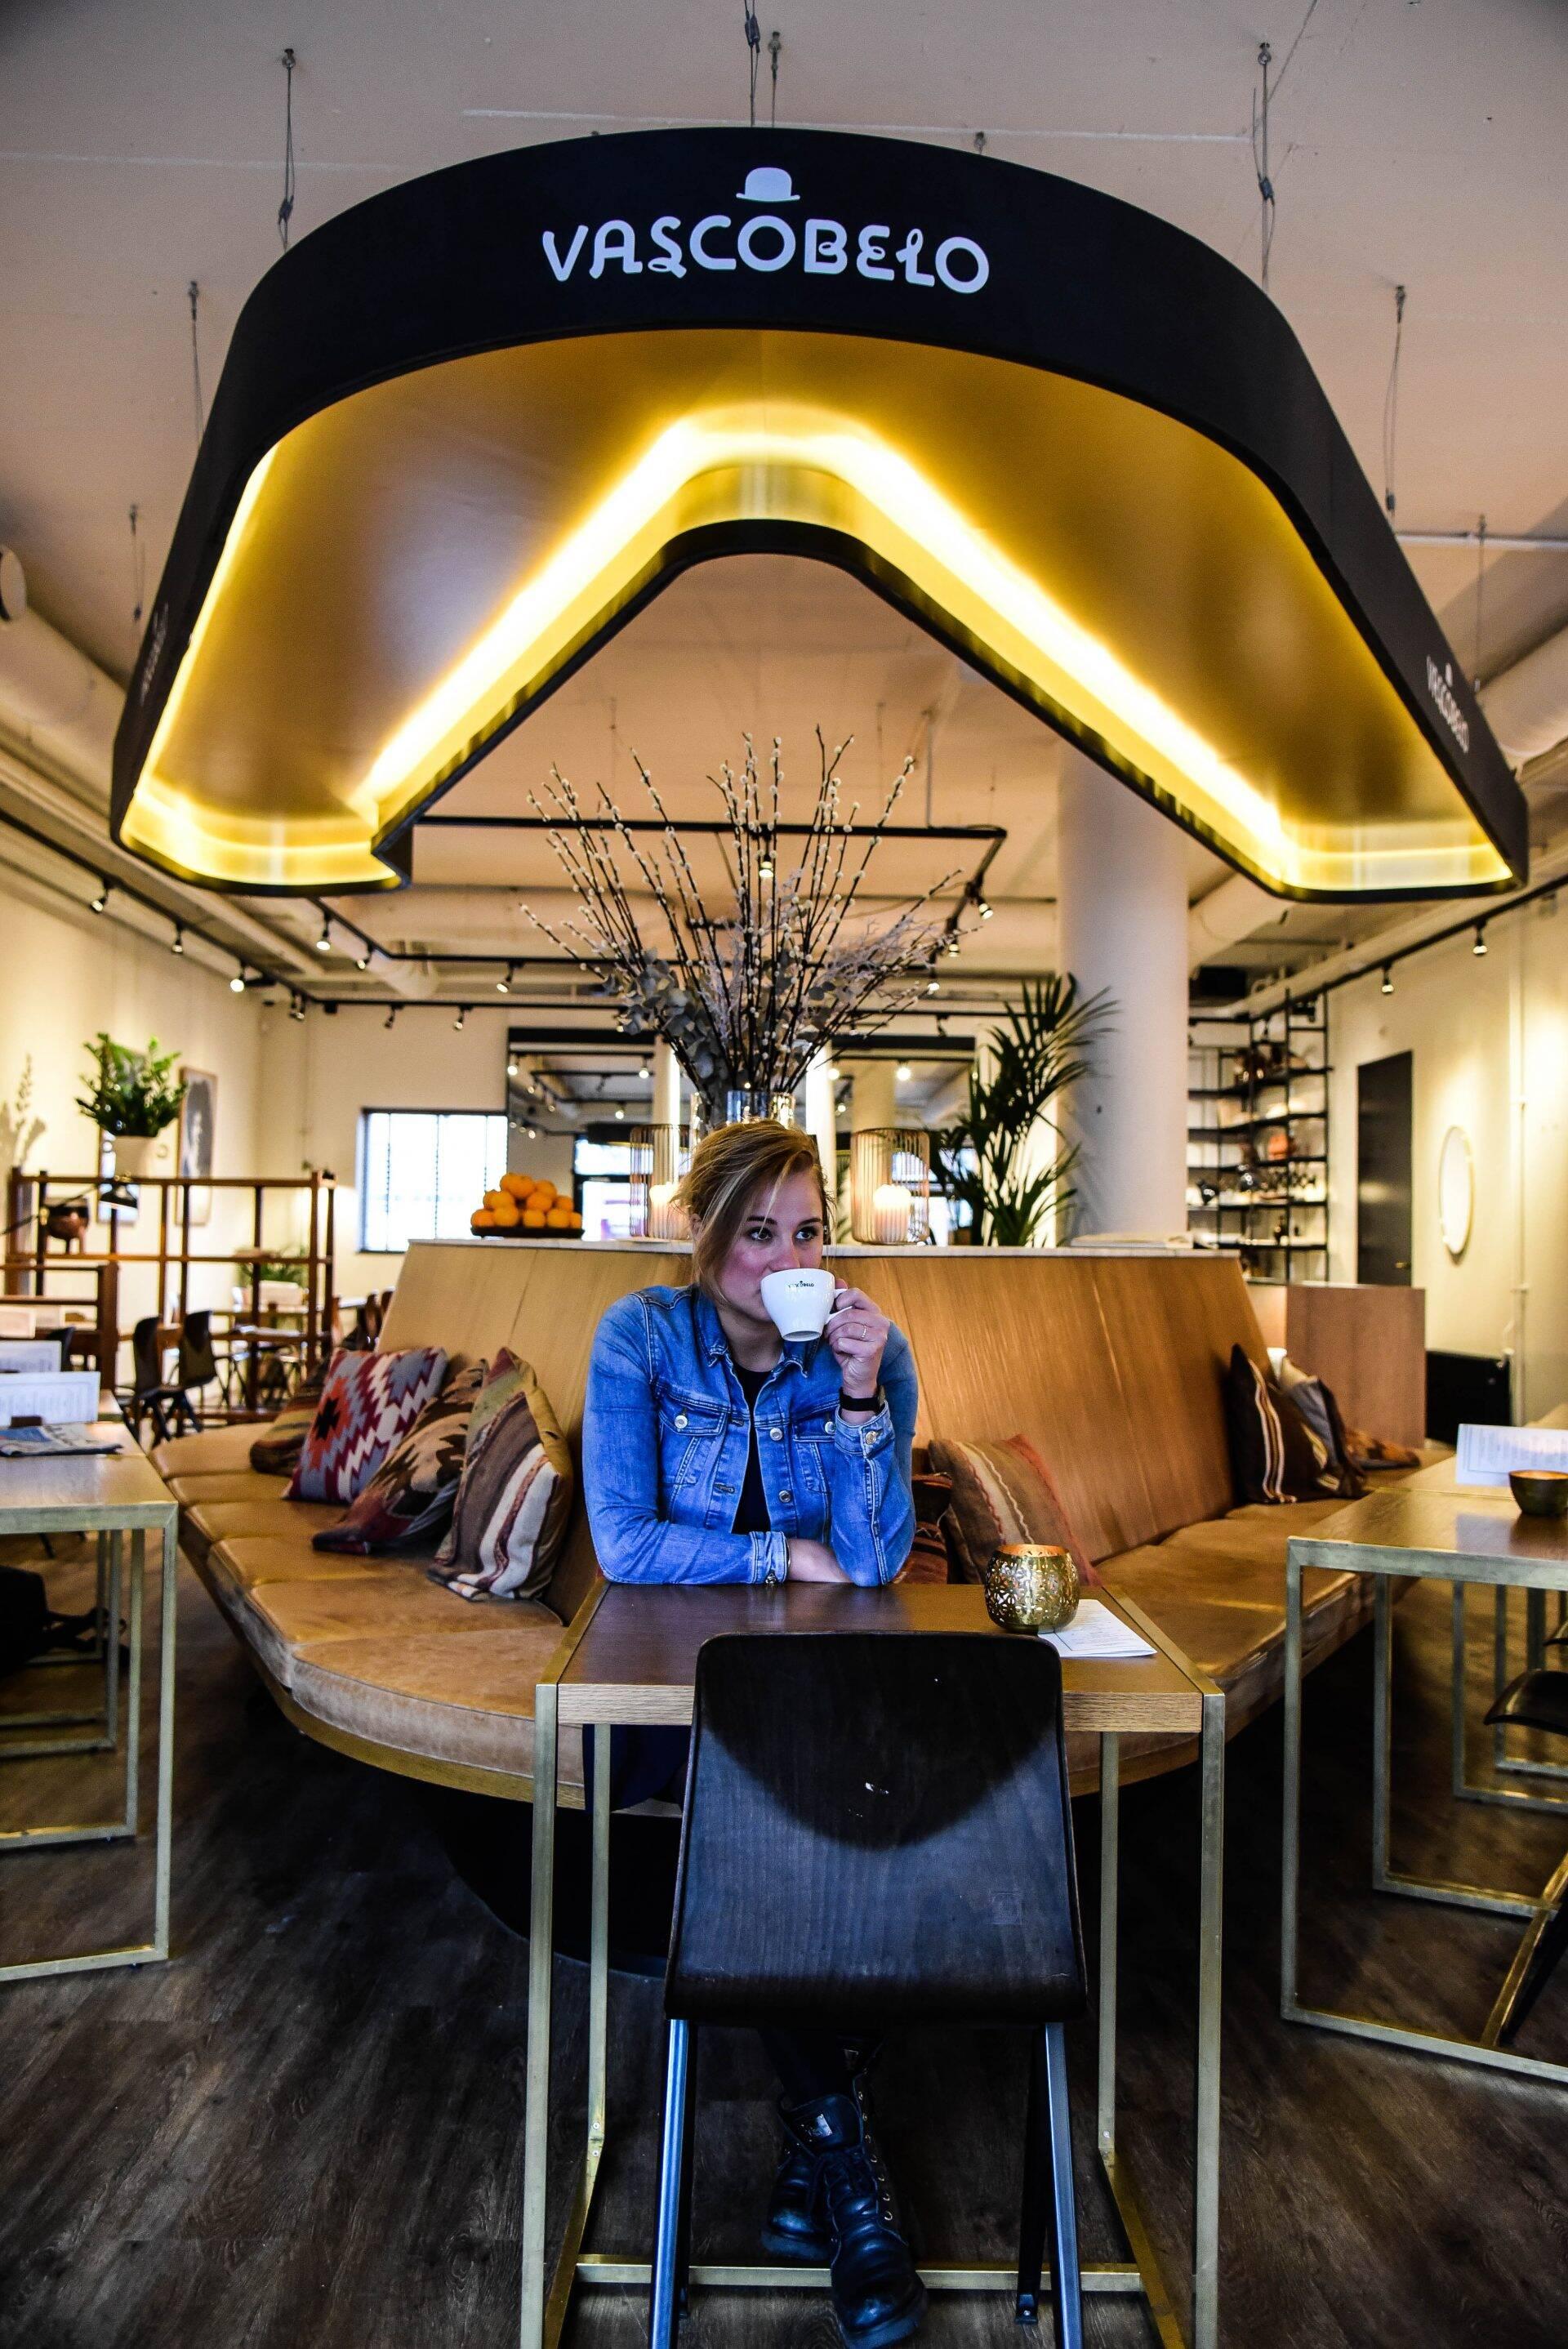 Vascobelo Eindhoven in Eindhoven